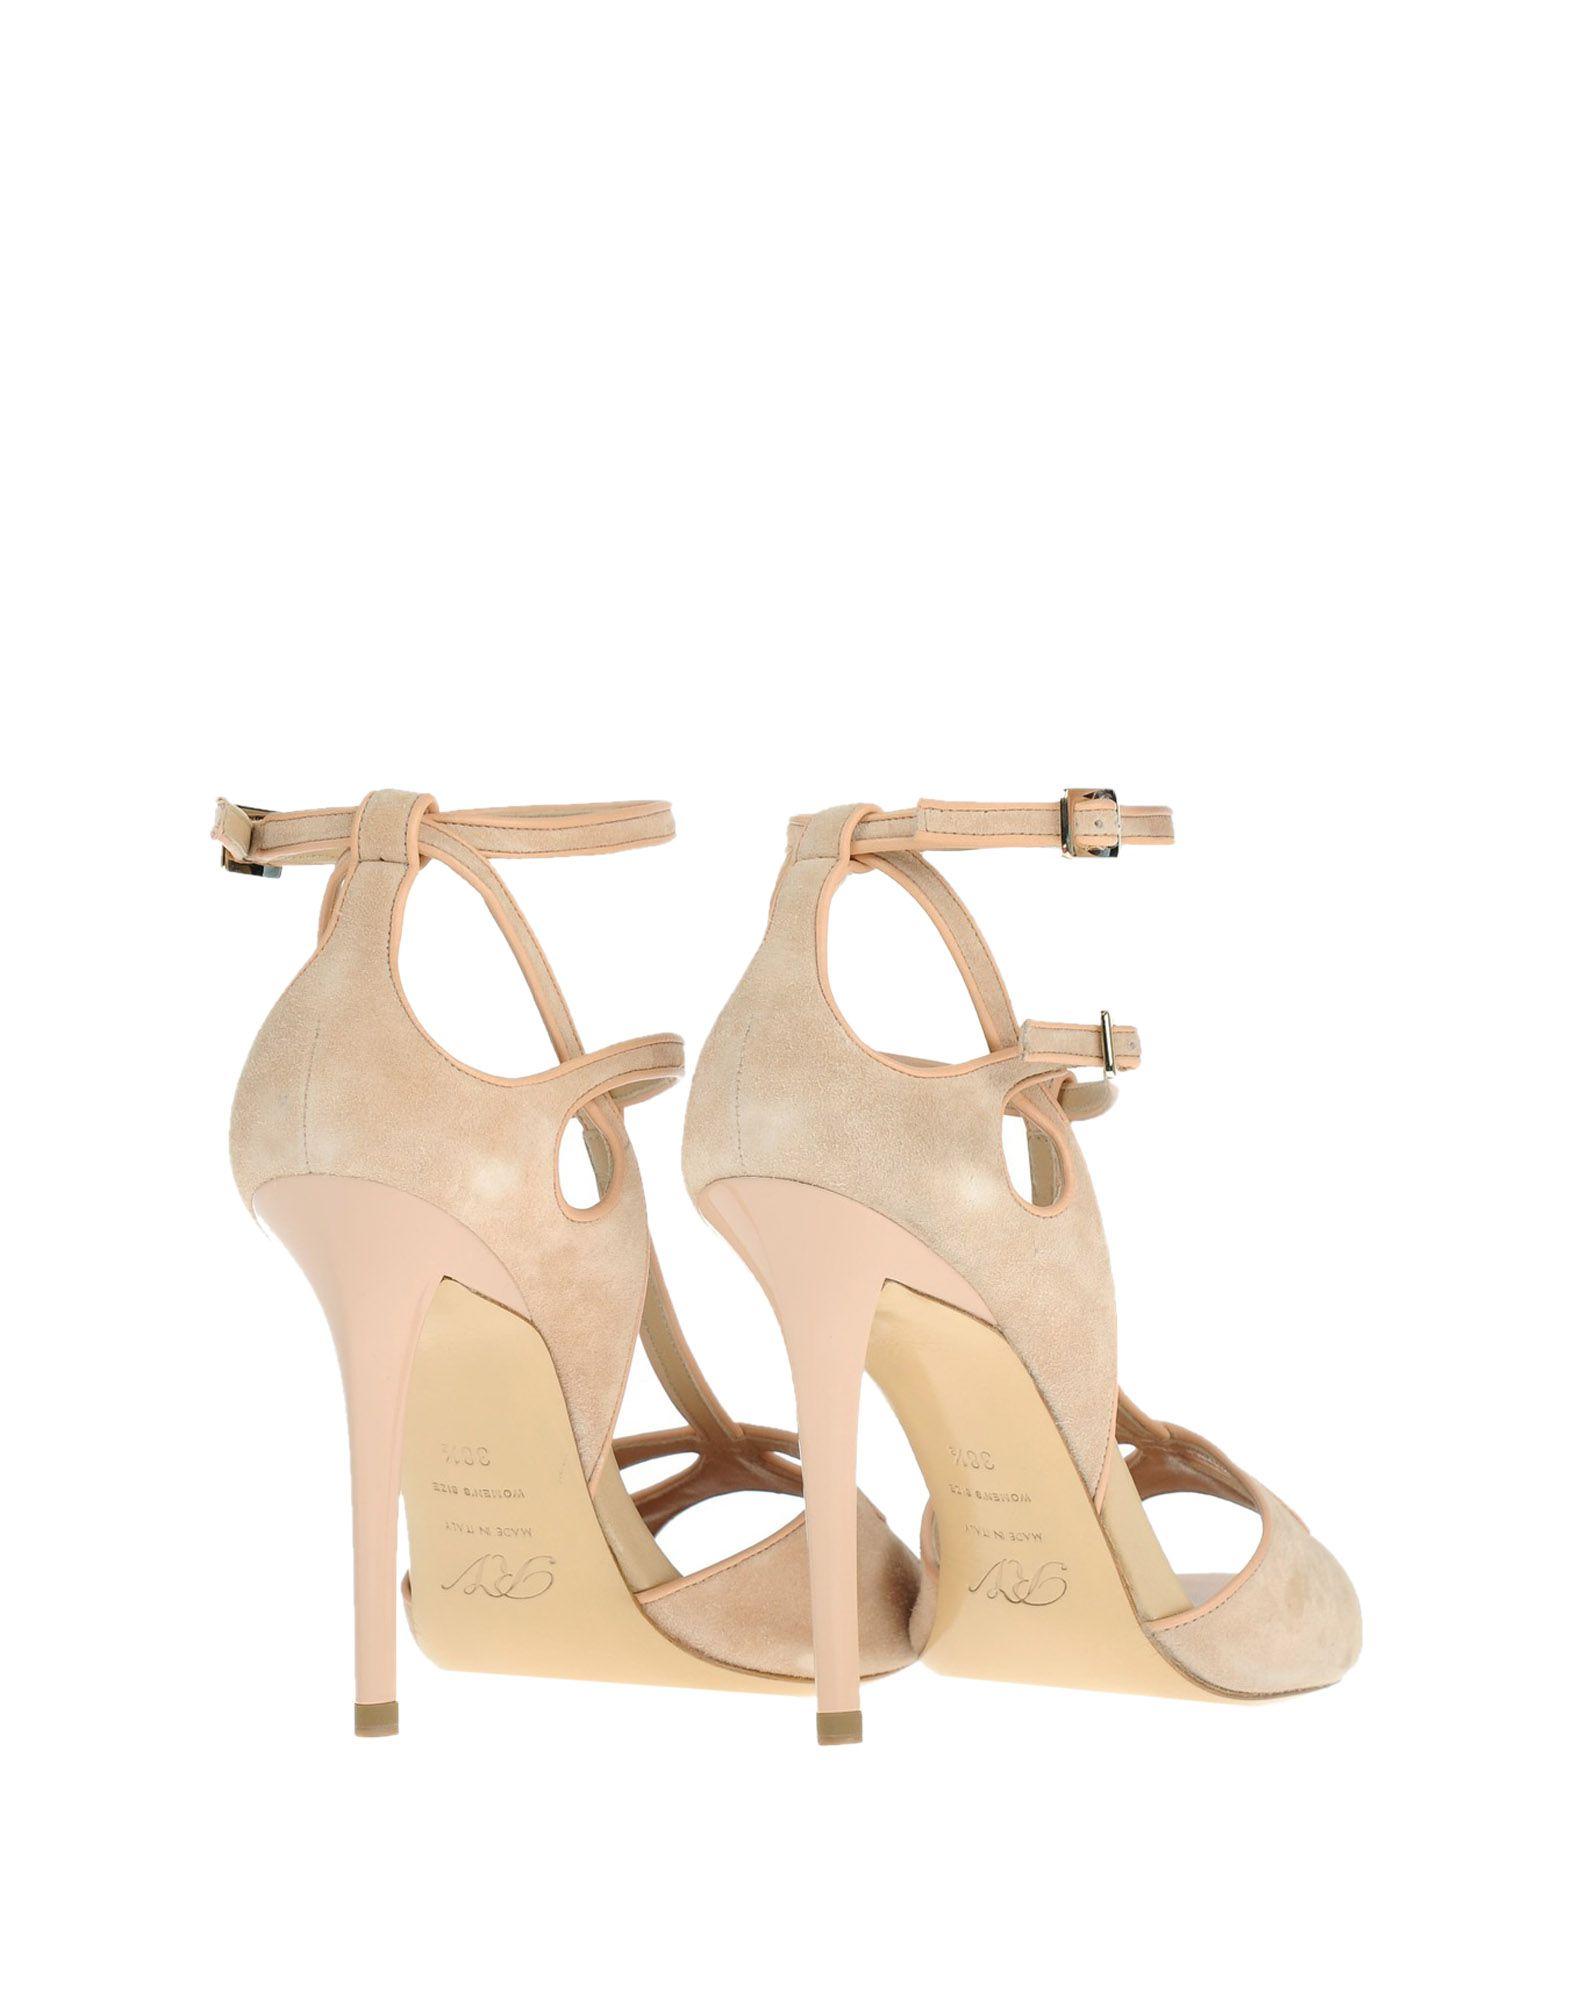 Roger Vivier Sandalen Damen Schuhe  44993499JUGut aussehende strapazierfähige Schuhe Damen bb2c62